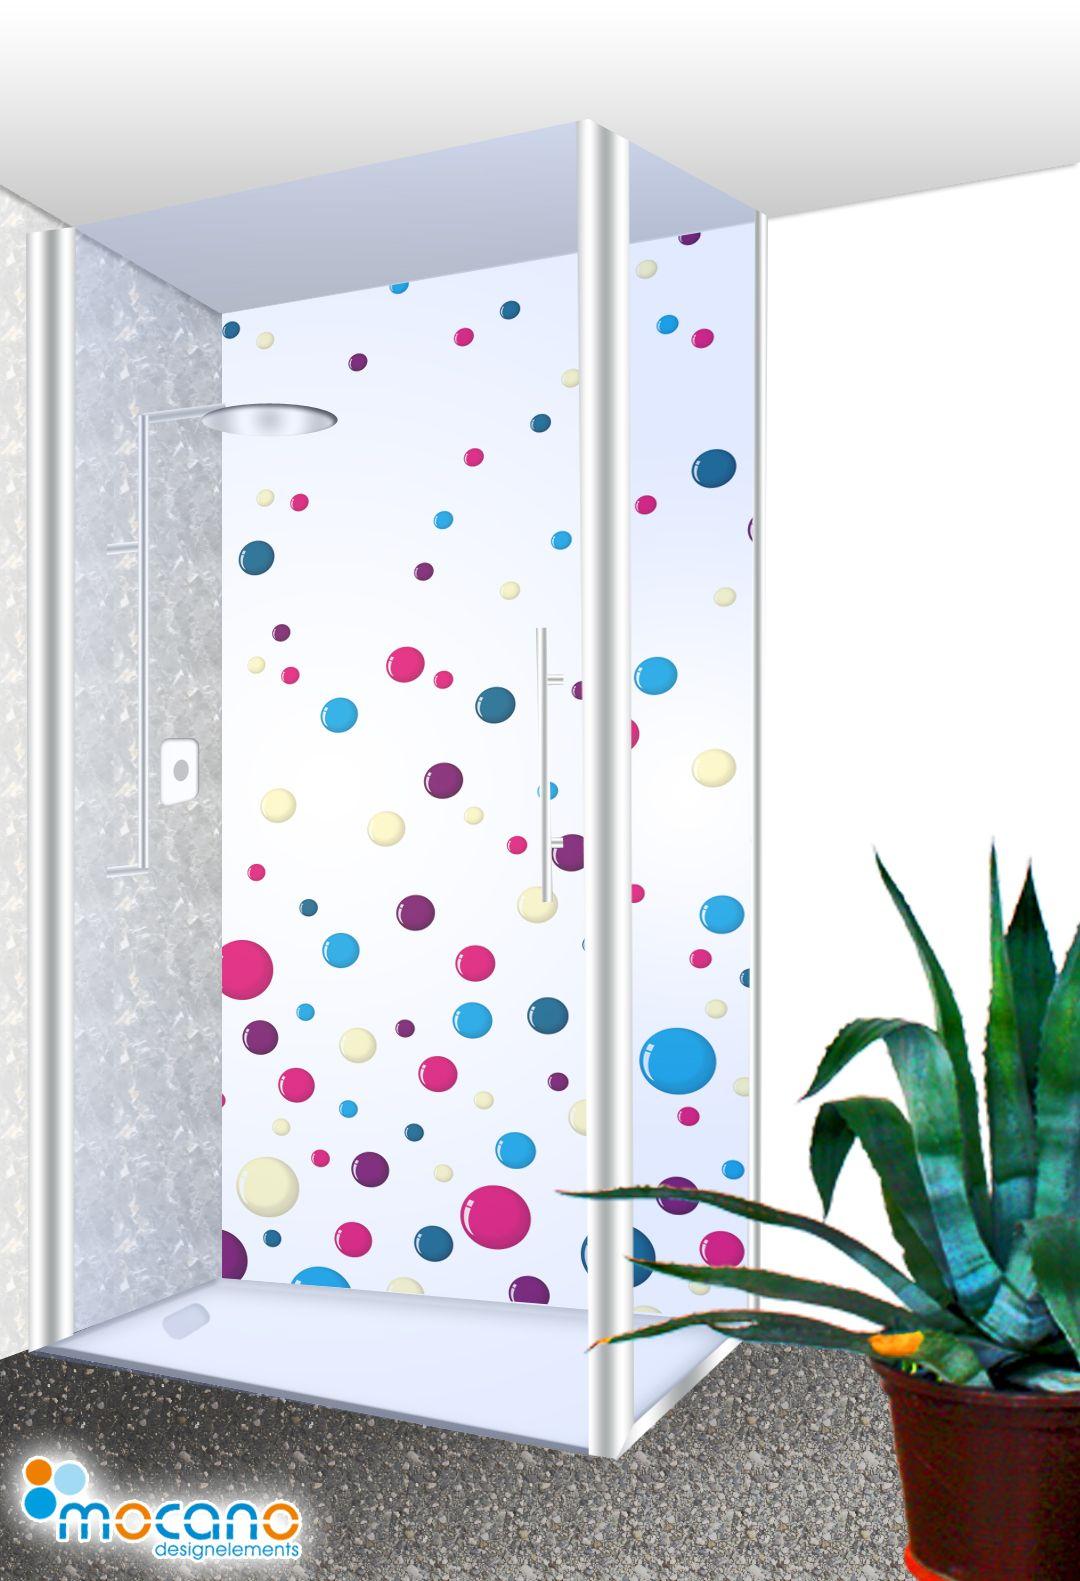 Colour Bubbles Duschruckwand 100x210cm Duschruckwand Dusche Badgestaltung